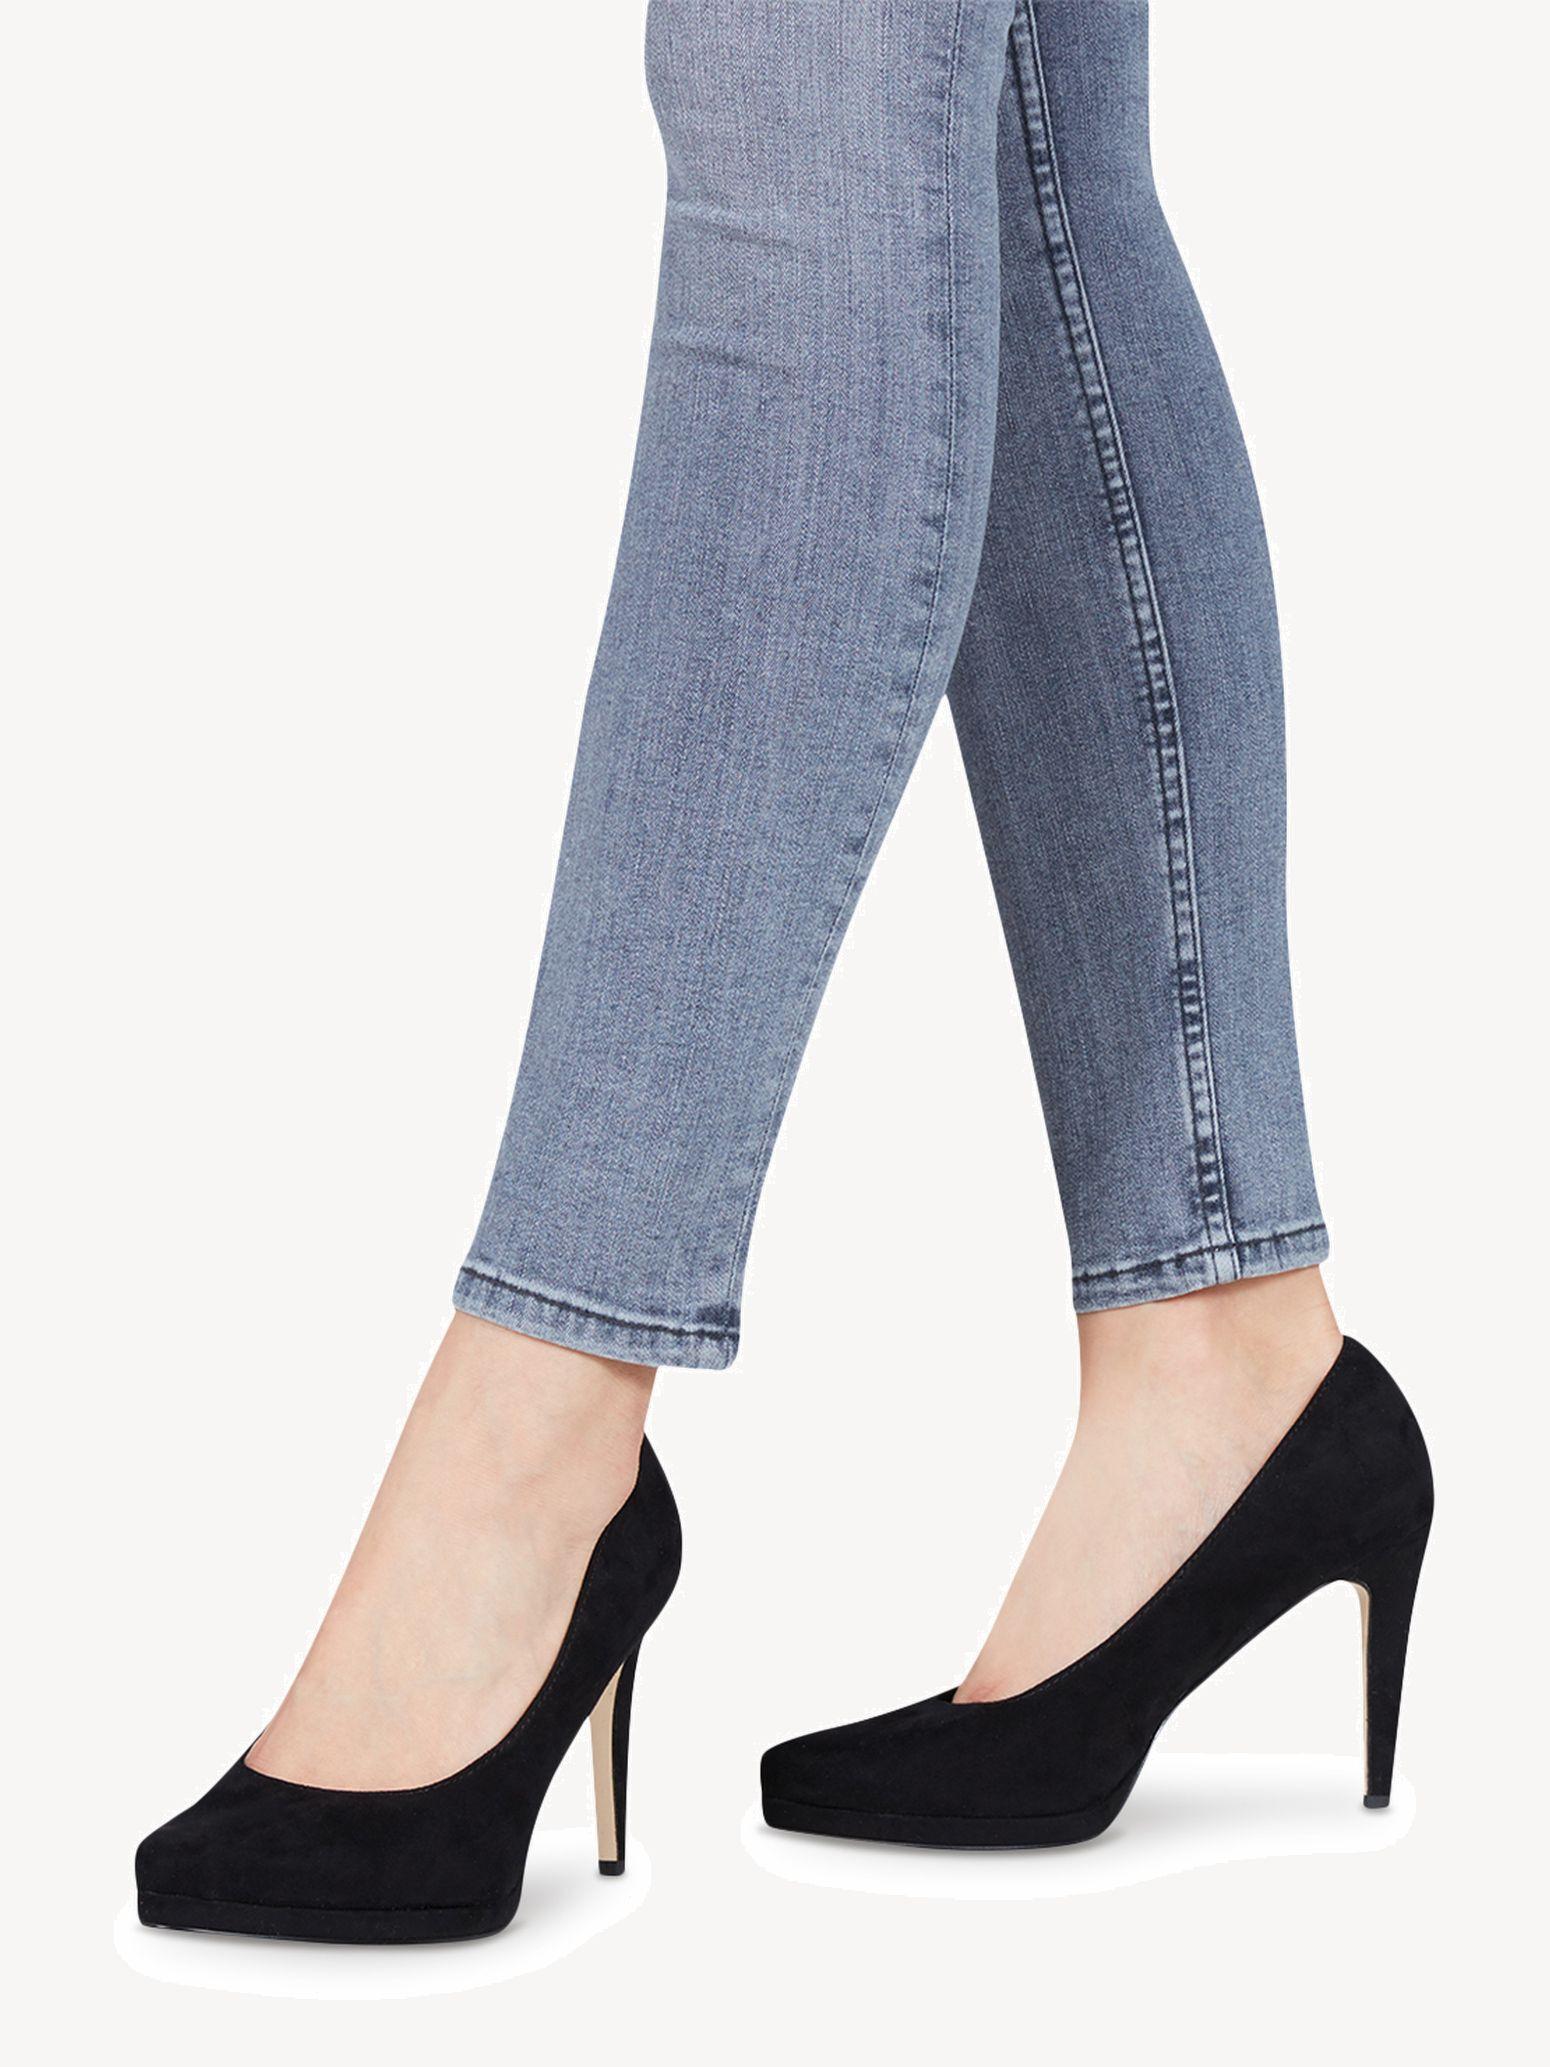 Für festliche Anlässe sind diese modischen High Heels